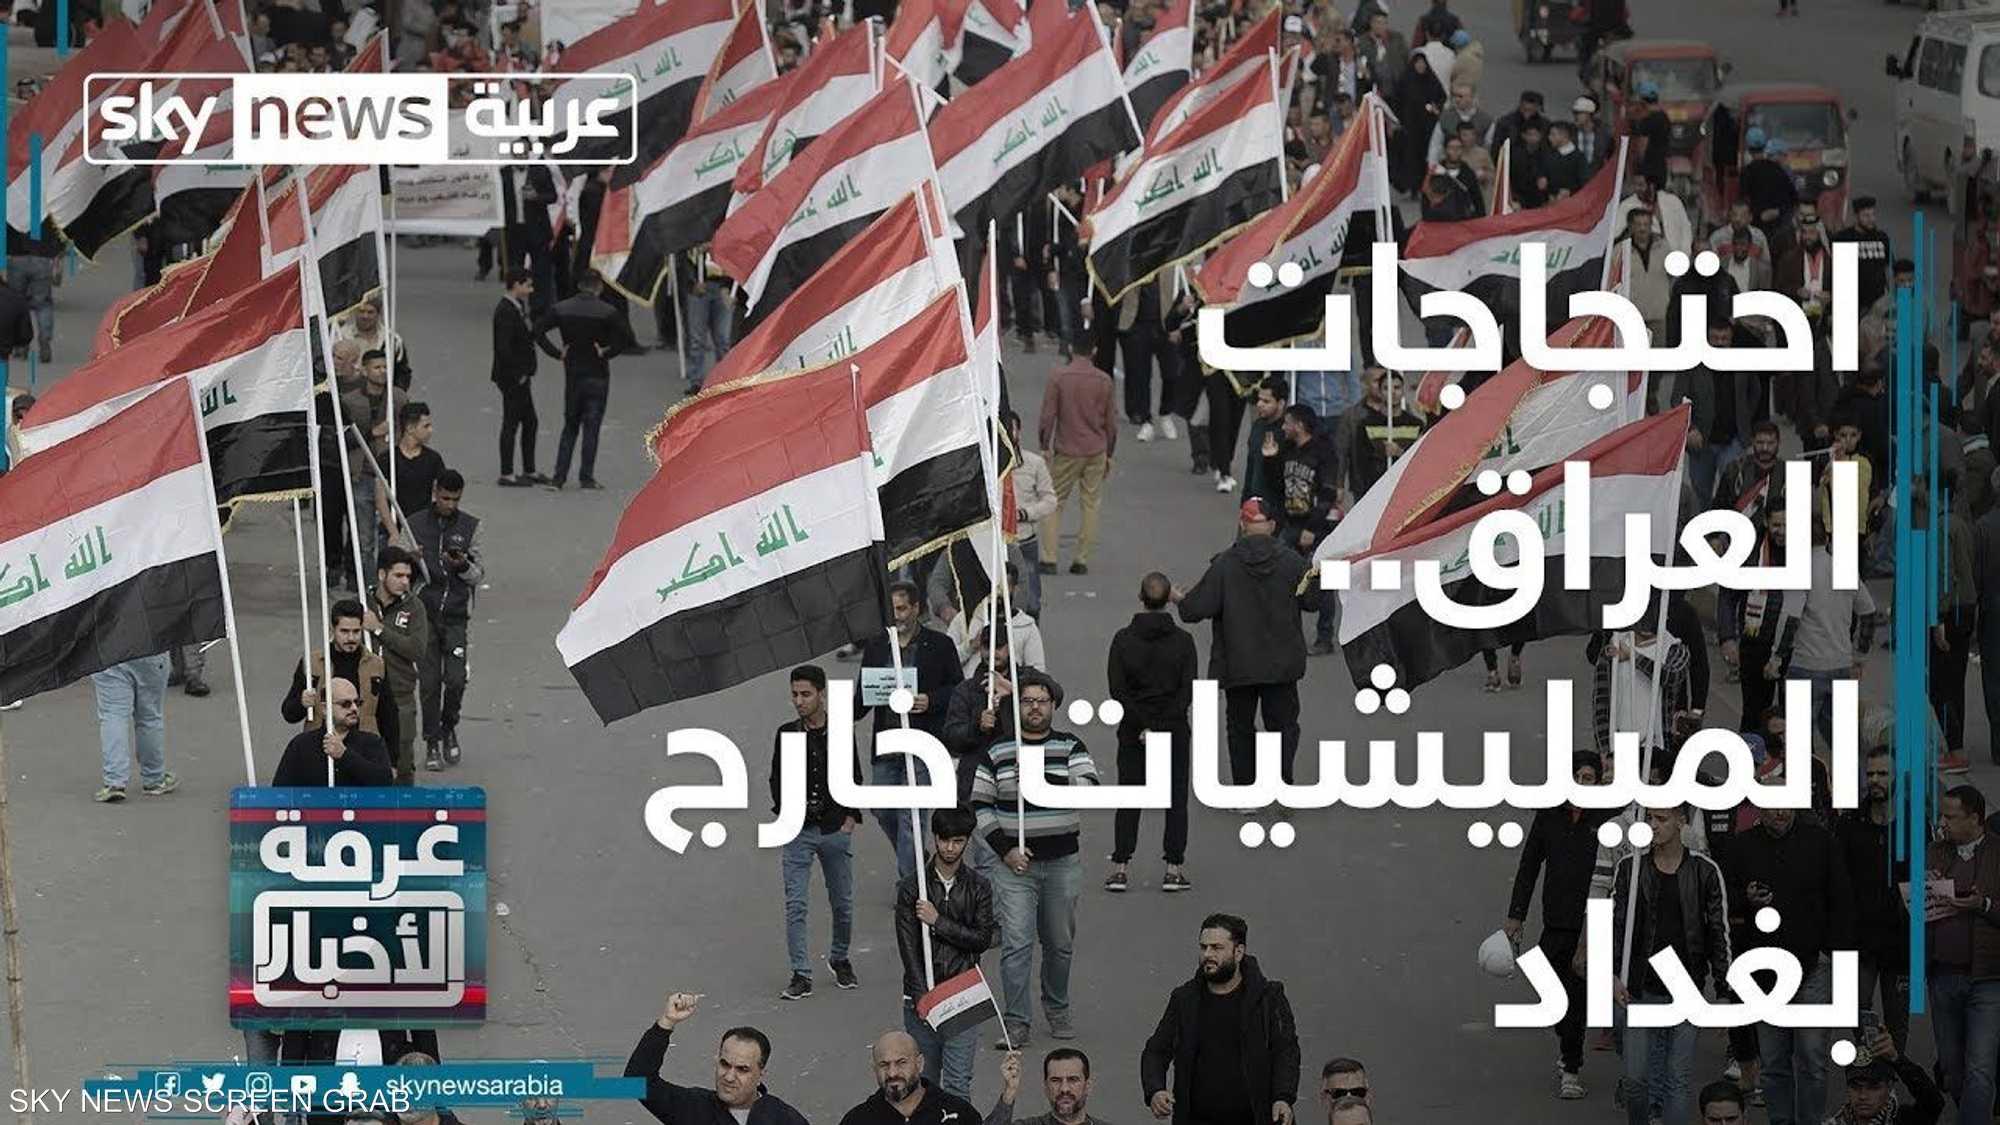 احتجاجات العراق.. الميليشيات خارج بغداد